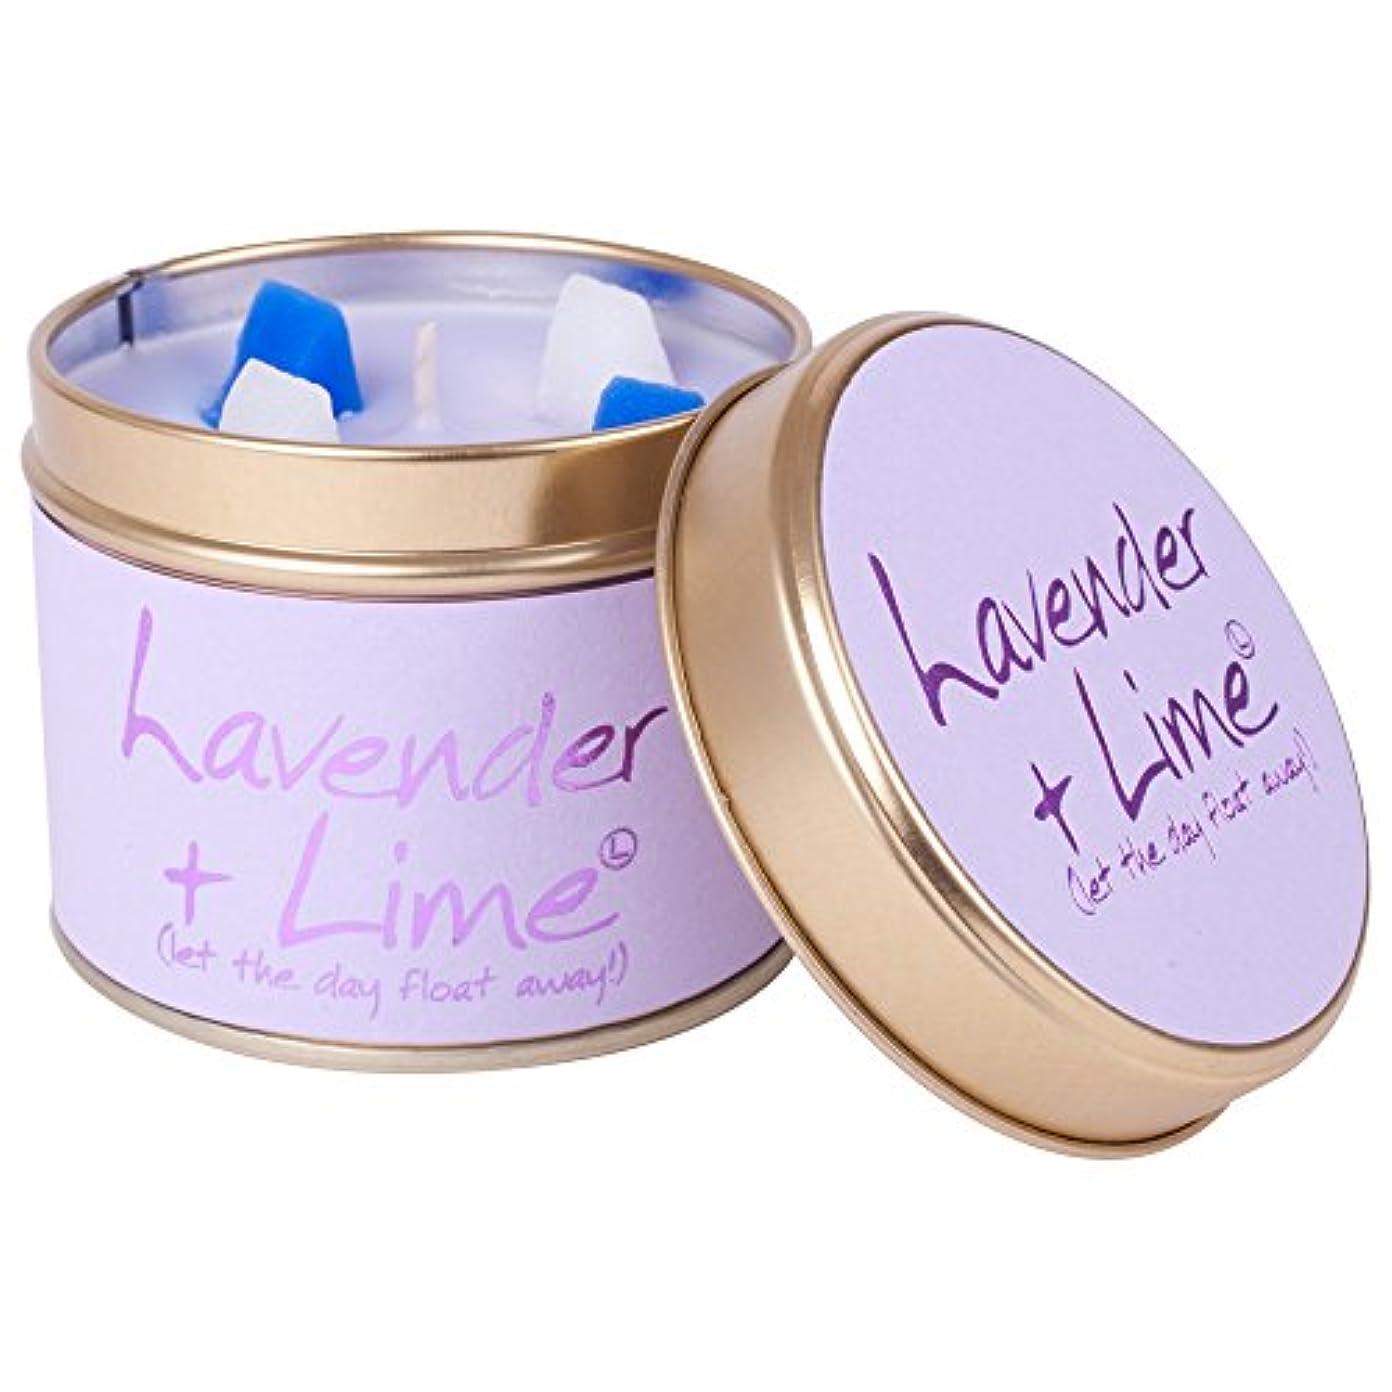 気分が悪いセールスマンズームインするLily-Flame Lavender and Lime Scented Candle Tin (Pack of 2) - ユリ炎ラベンダー、ライムの香りのキャンドルスズ (Lily-Flame) (x2) [並行輸入品]